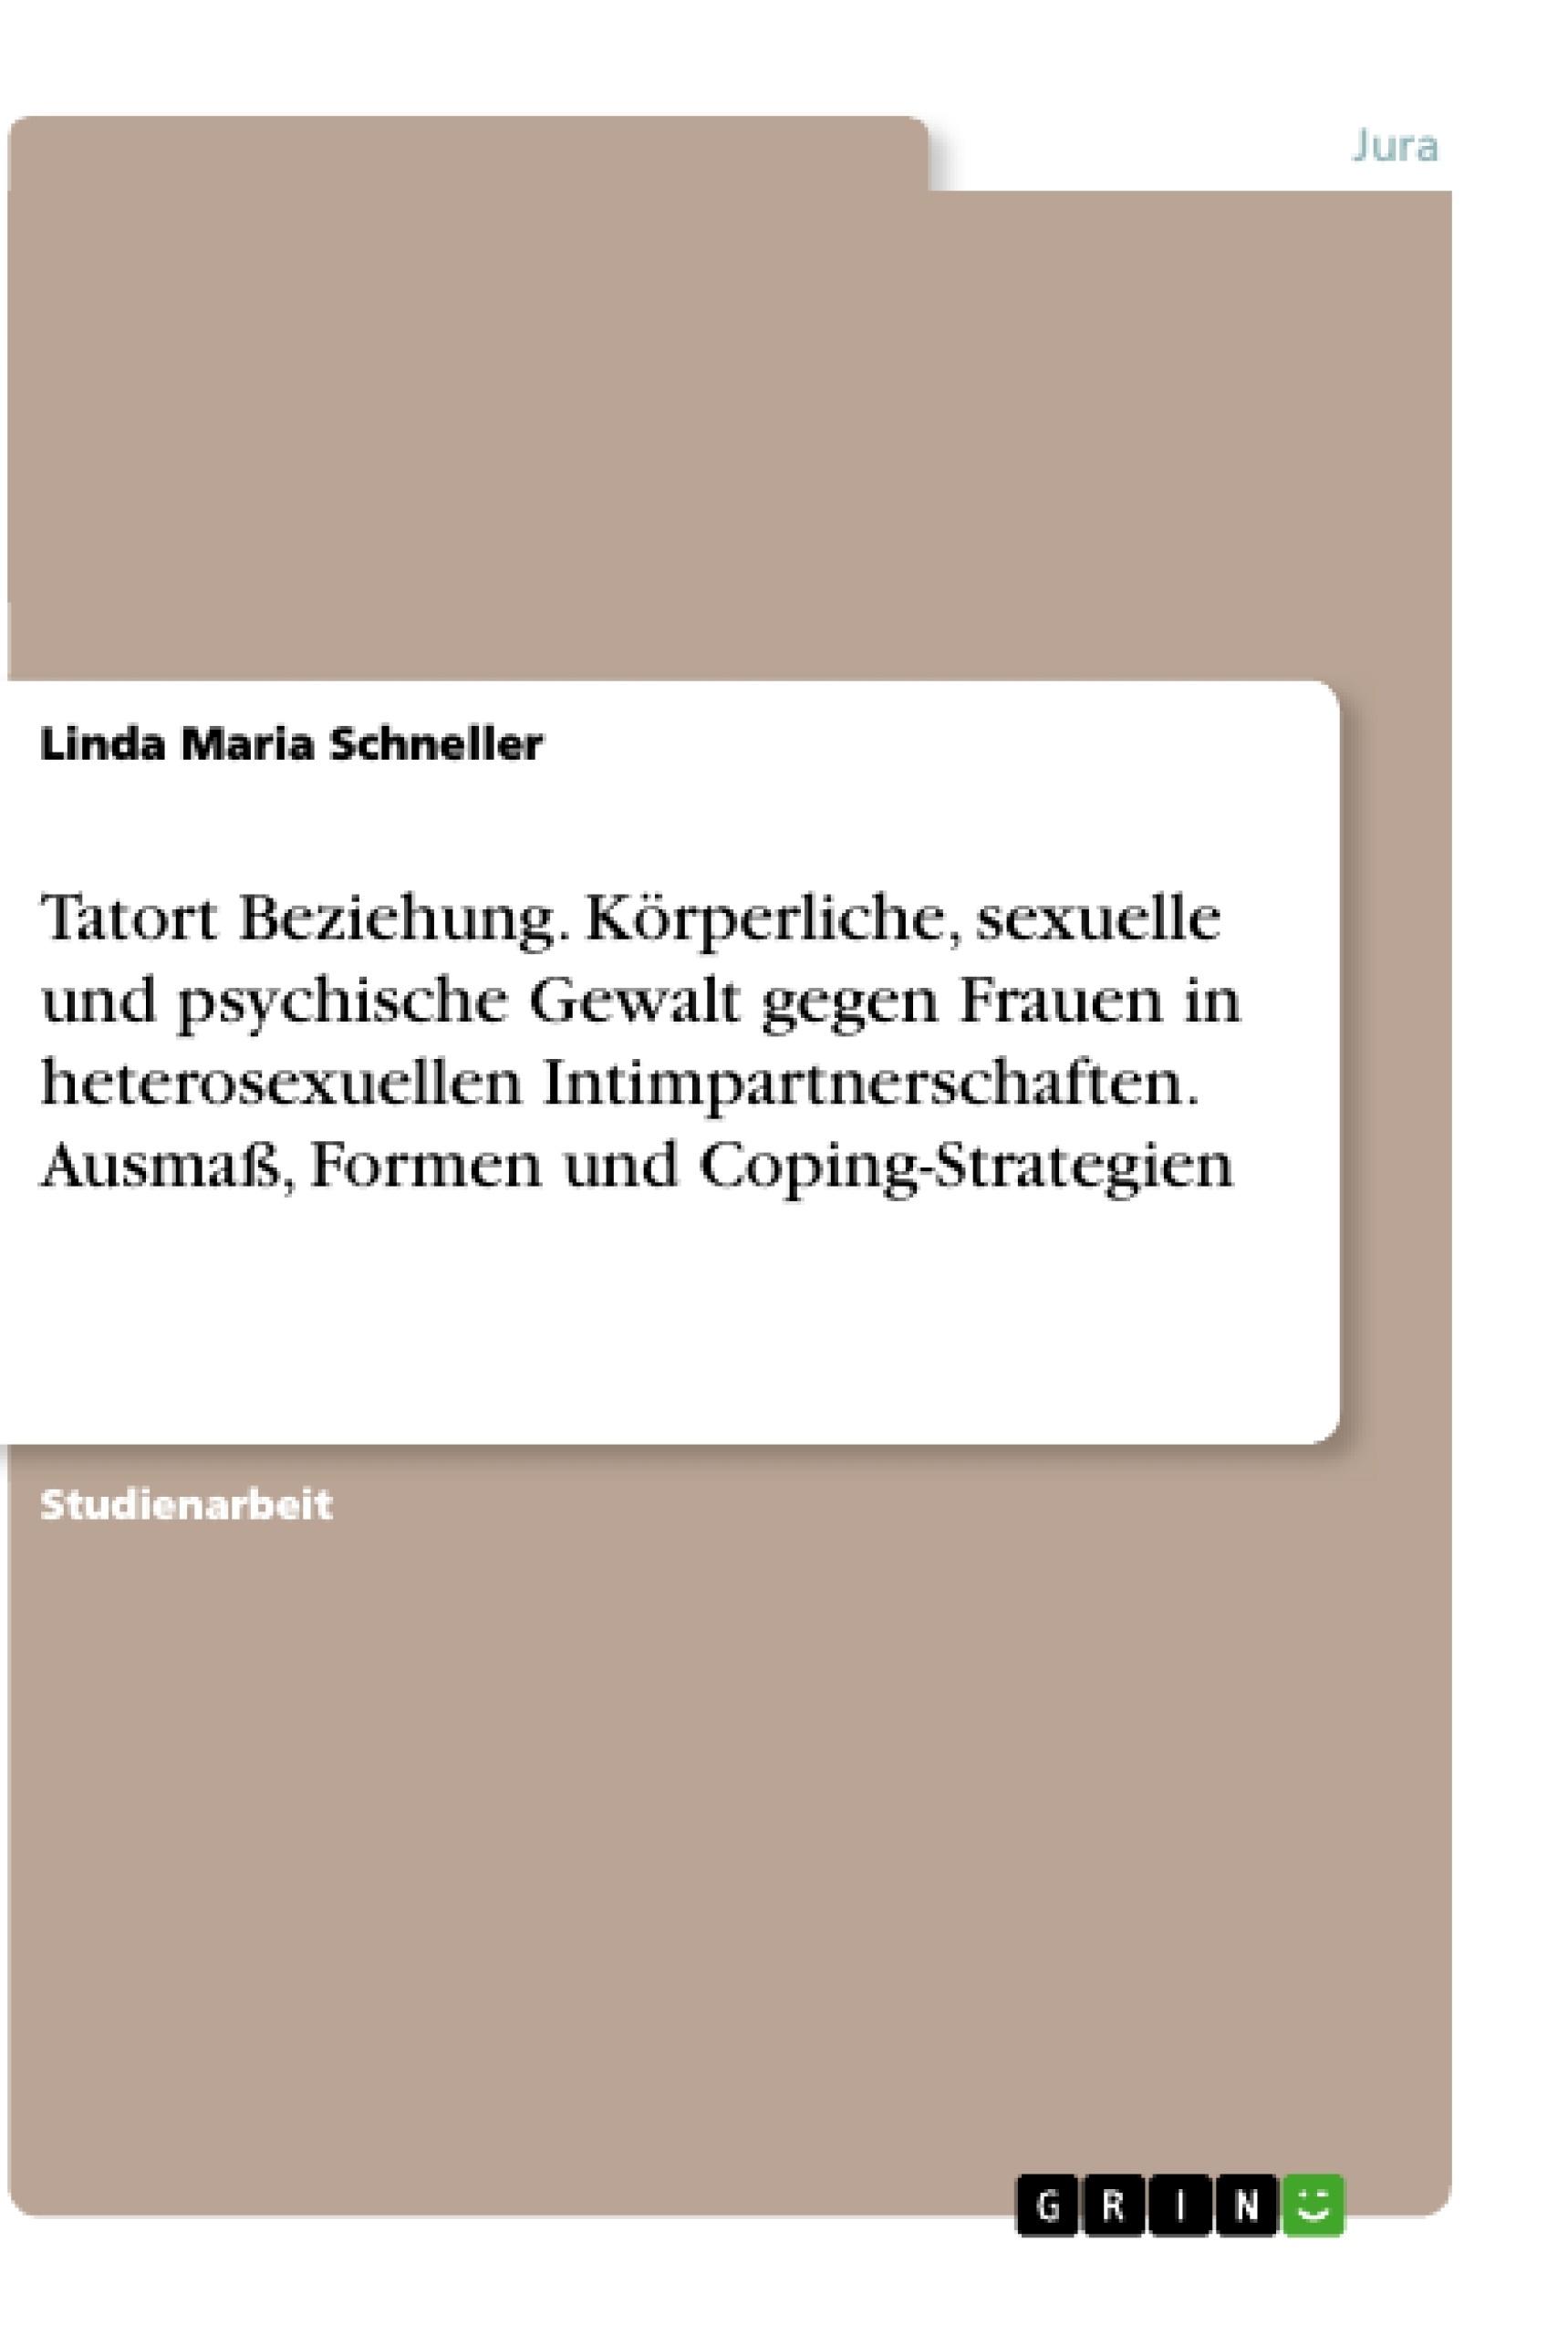 Titel: Tatort Beziehung. Körperliche, sexuelle und psychische Gewalt gegen Frauen in heterosexuellen Intimpartnerschaften. Ausmaß, Formen und Coping-Strategien